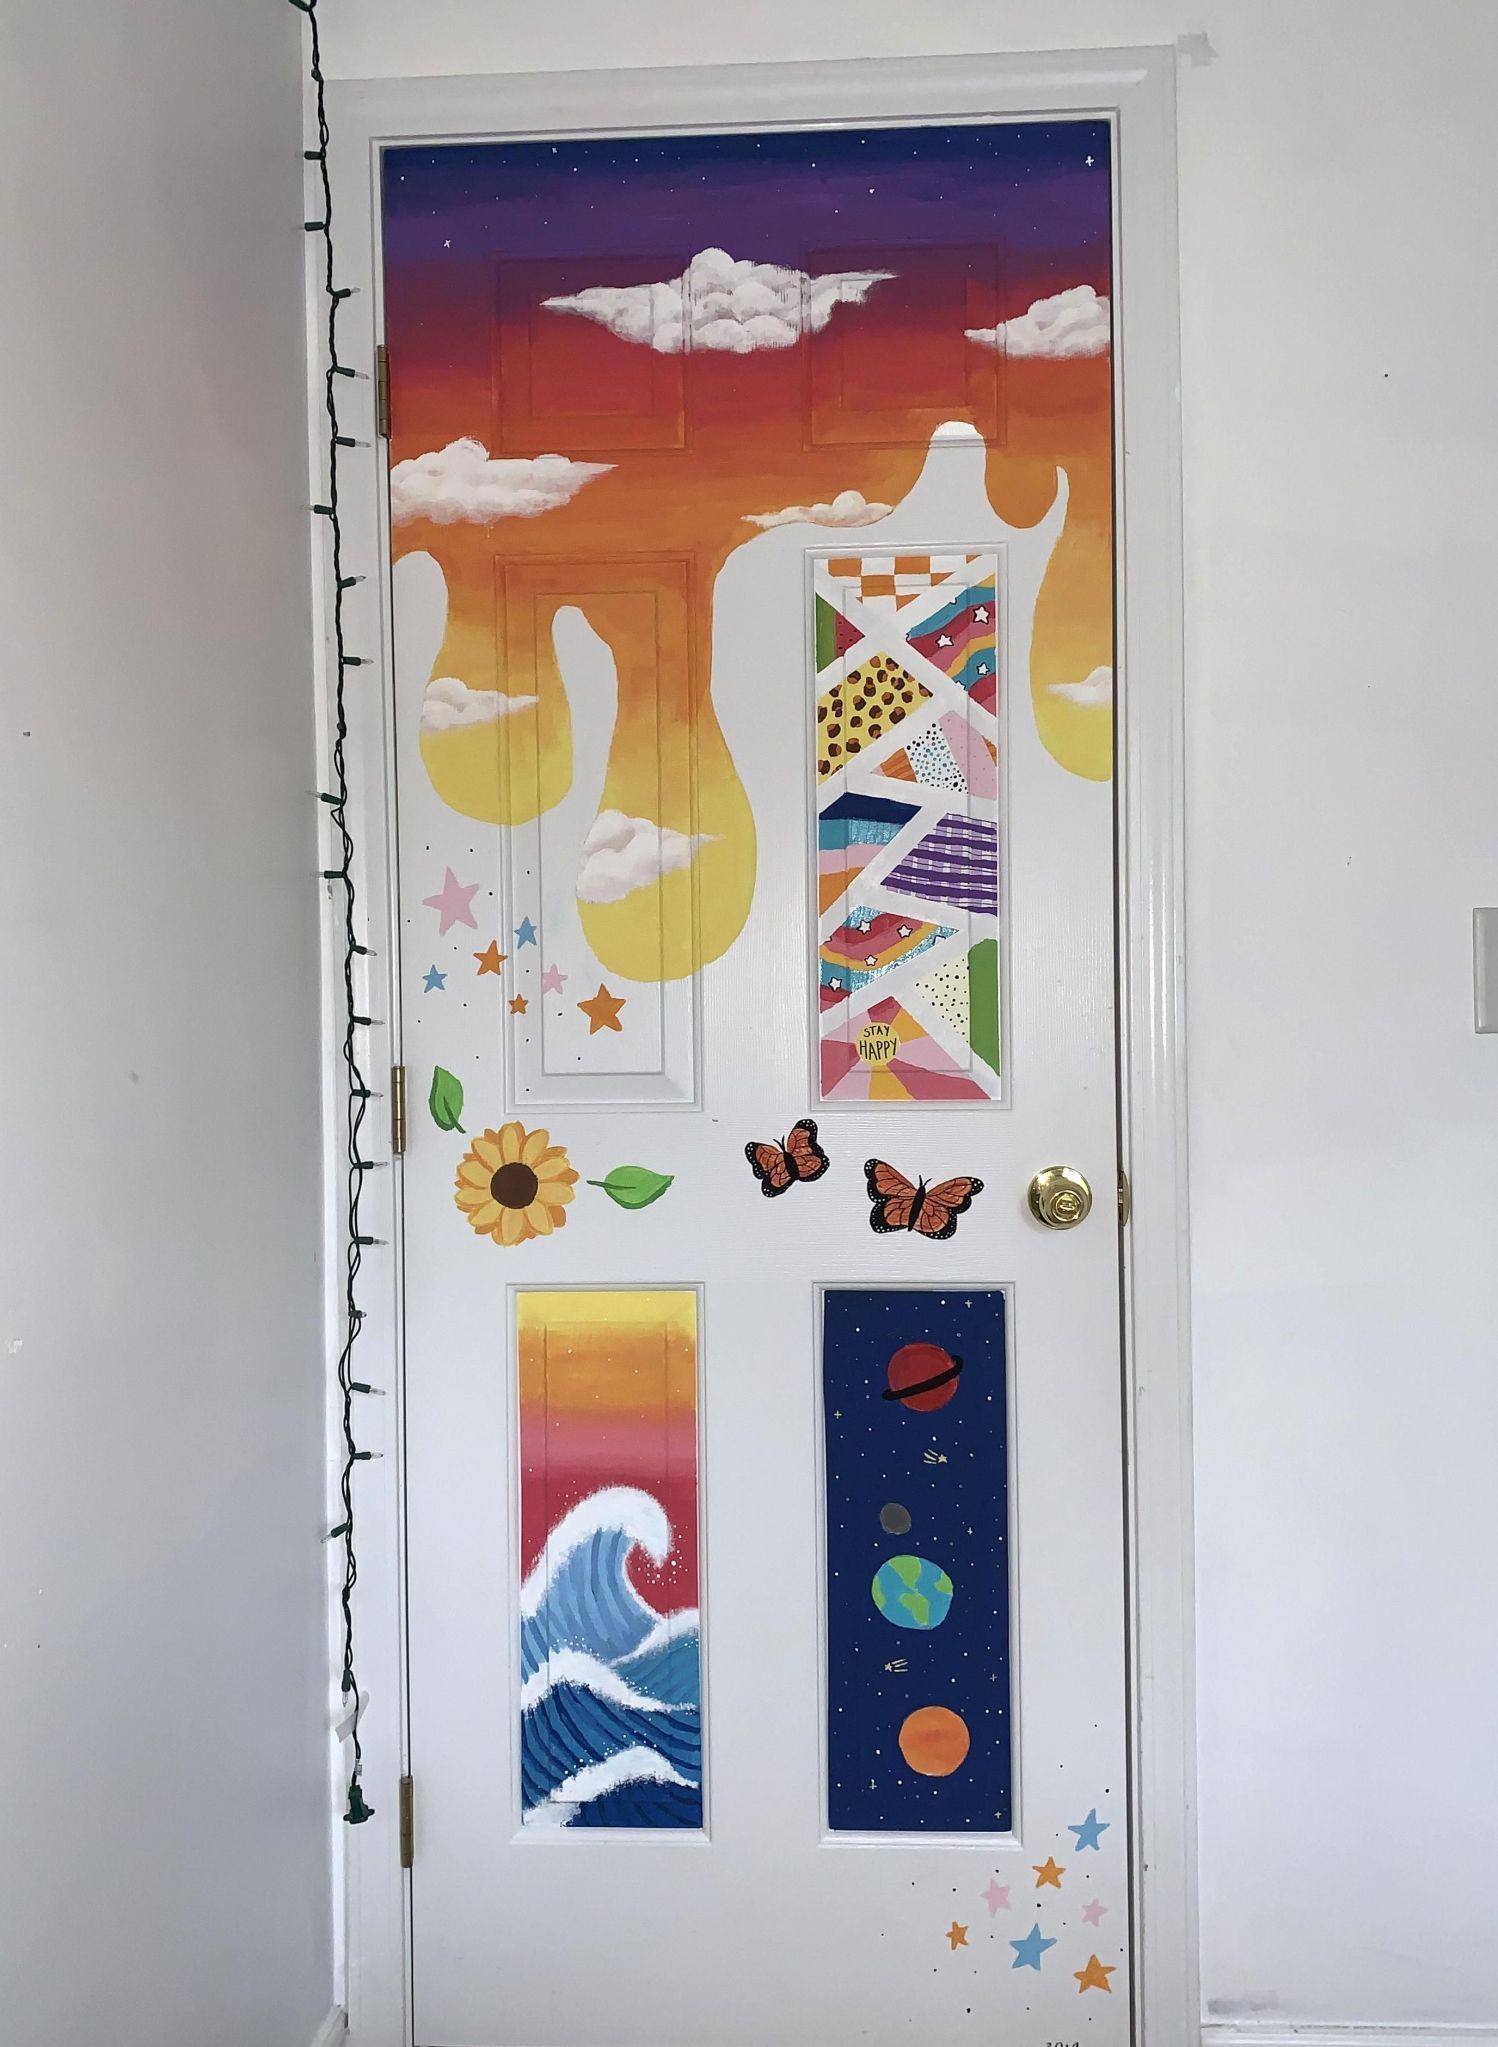 15 ideas para decorar tu cuarto aesthetic en 2020 ... on Room Decor Manualidades Para Decorar Tu Cuarto id=45911